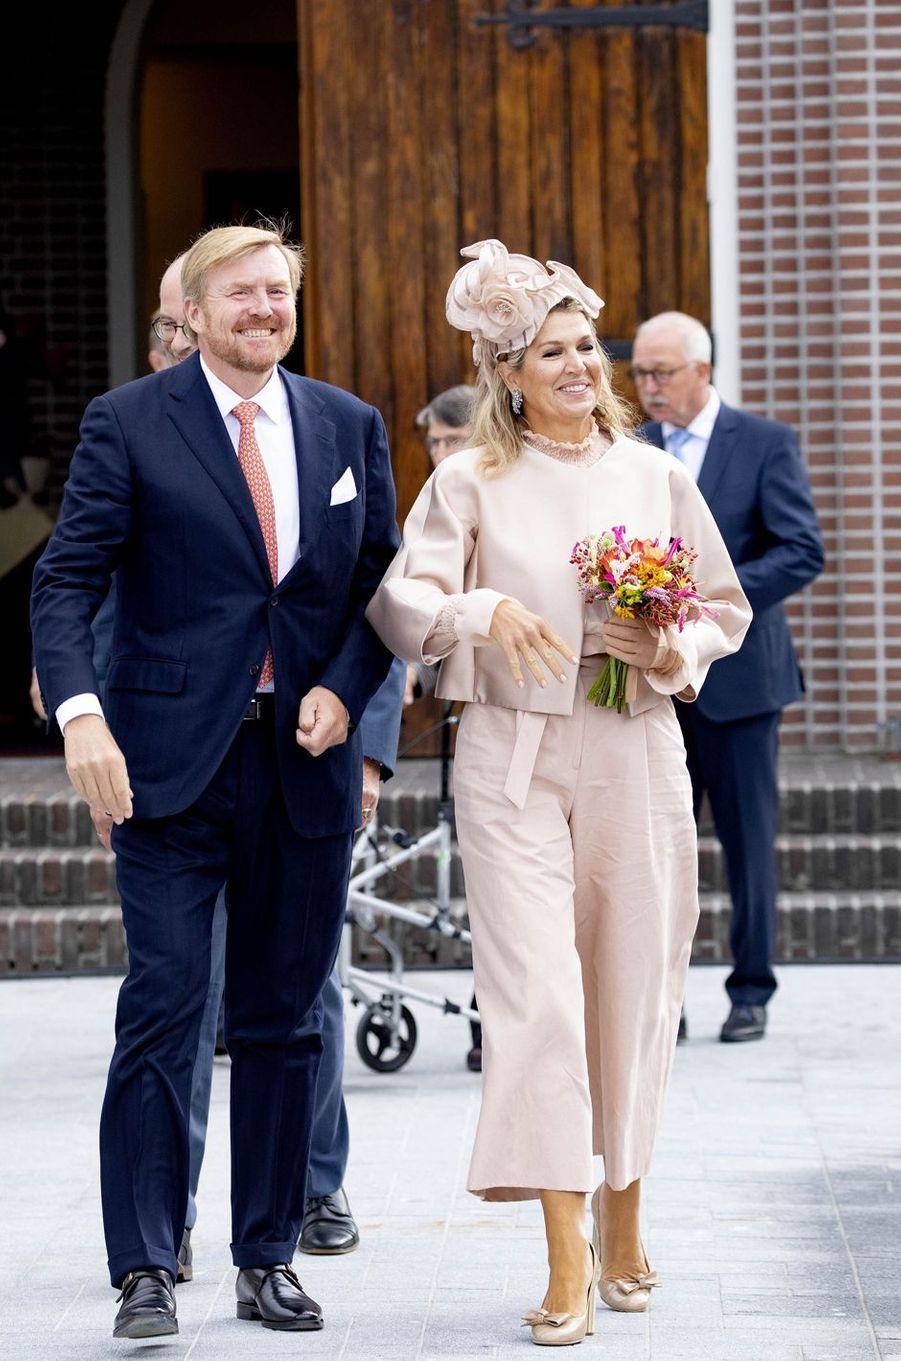 La reine Maxima et le roi Willem-Alexander des Pays-Bas à Hoogeveen, le 18 septembre 2019